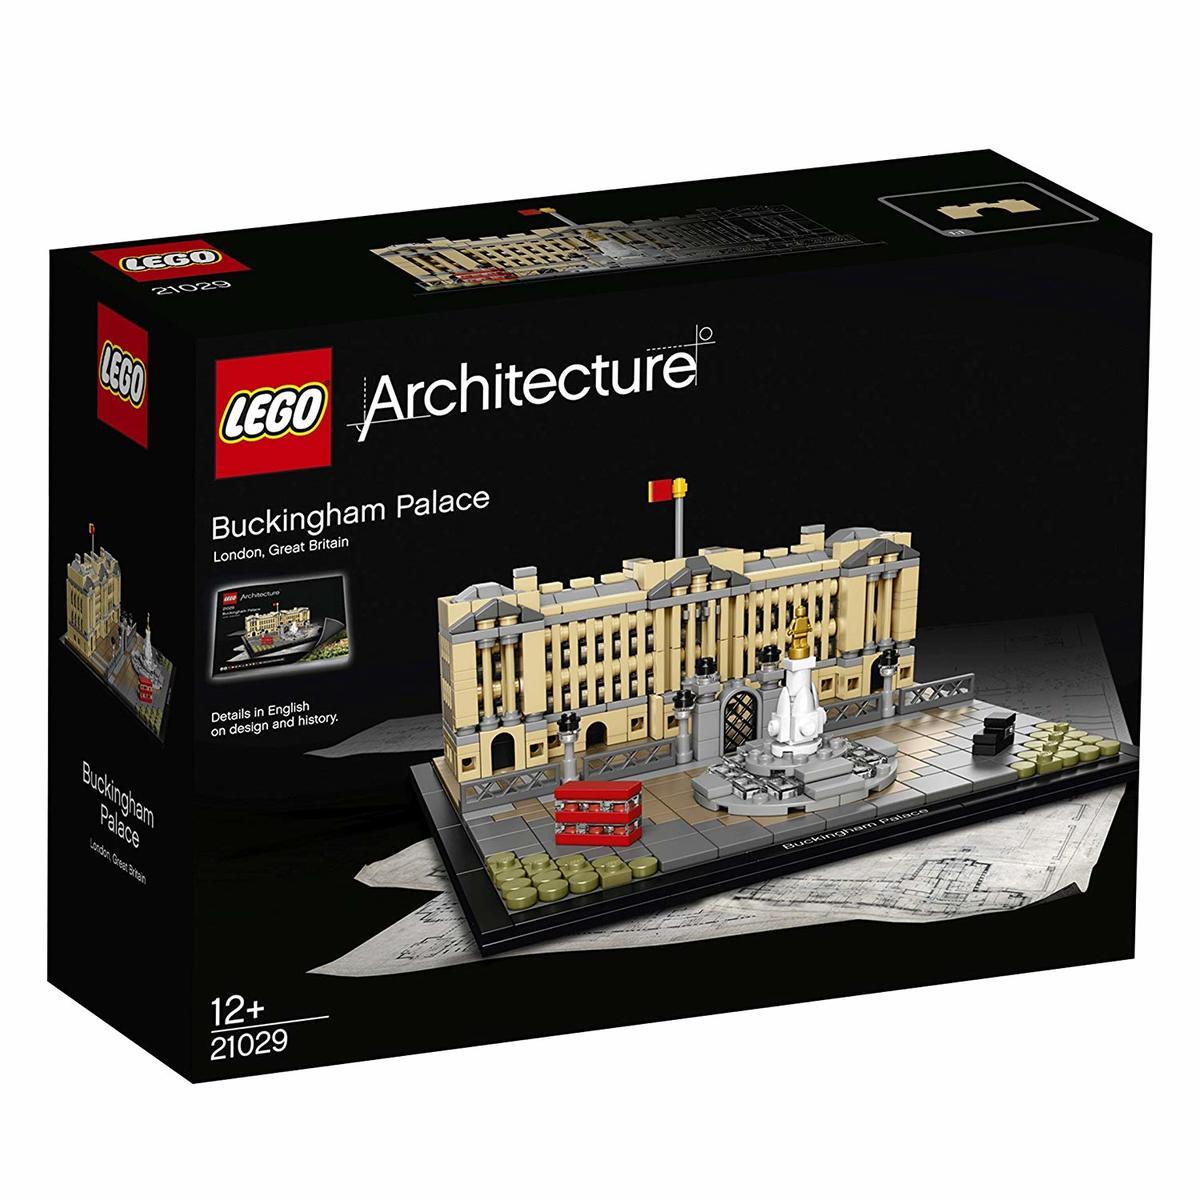 レゴ (LEGO) アーキテクチャー バッキンガム宮殿 21029 [並行輸入品]